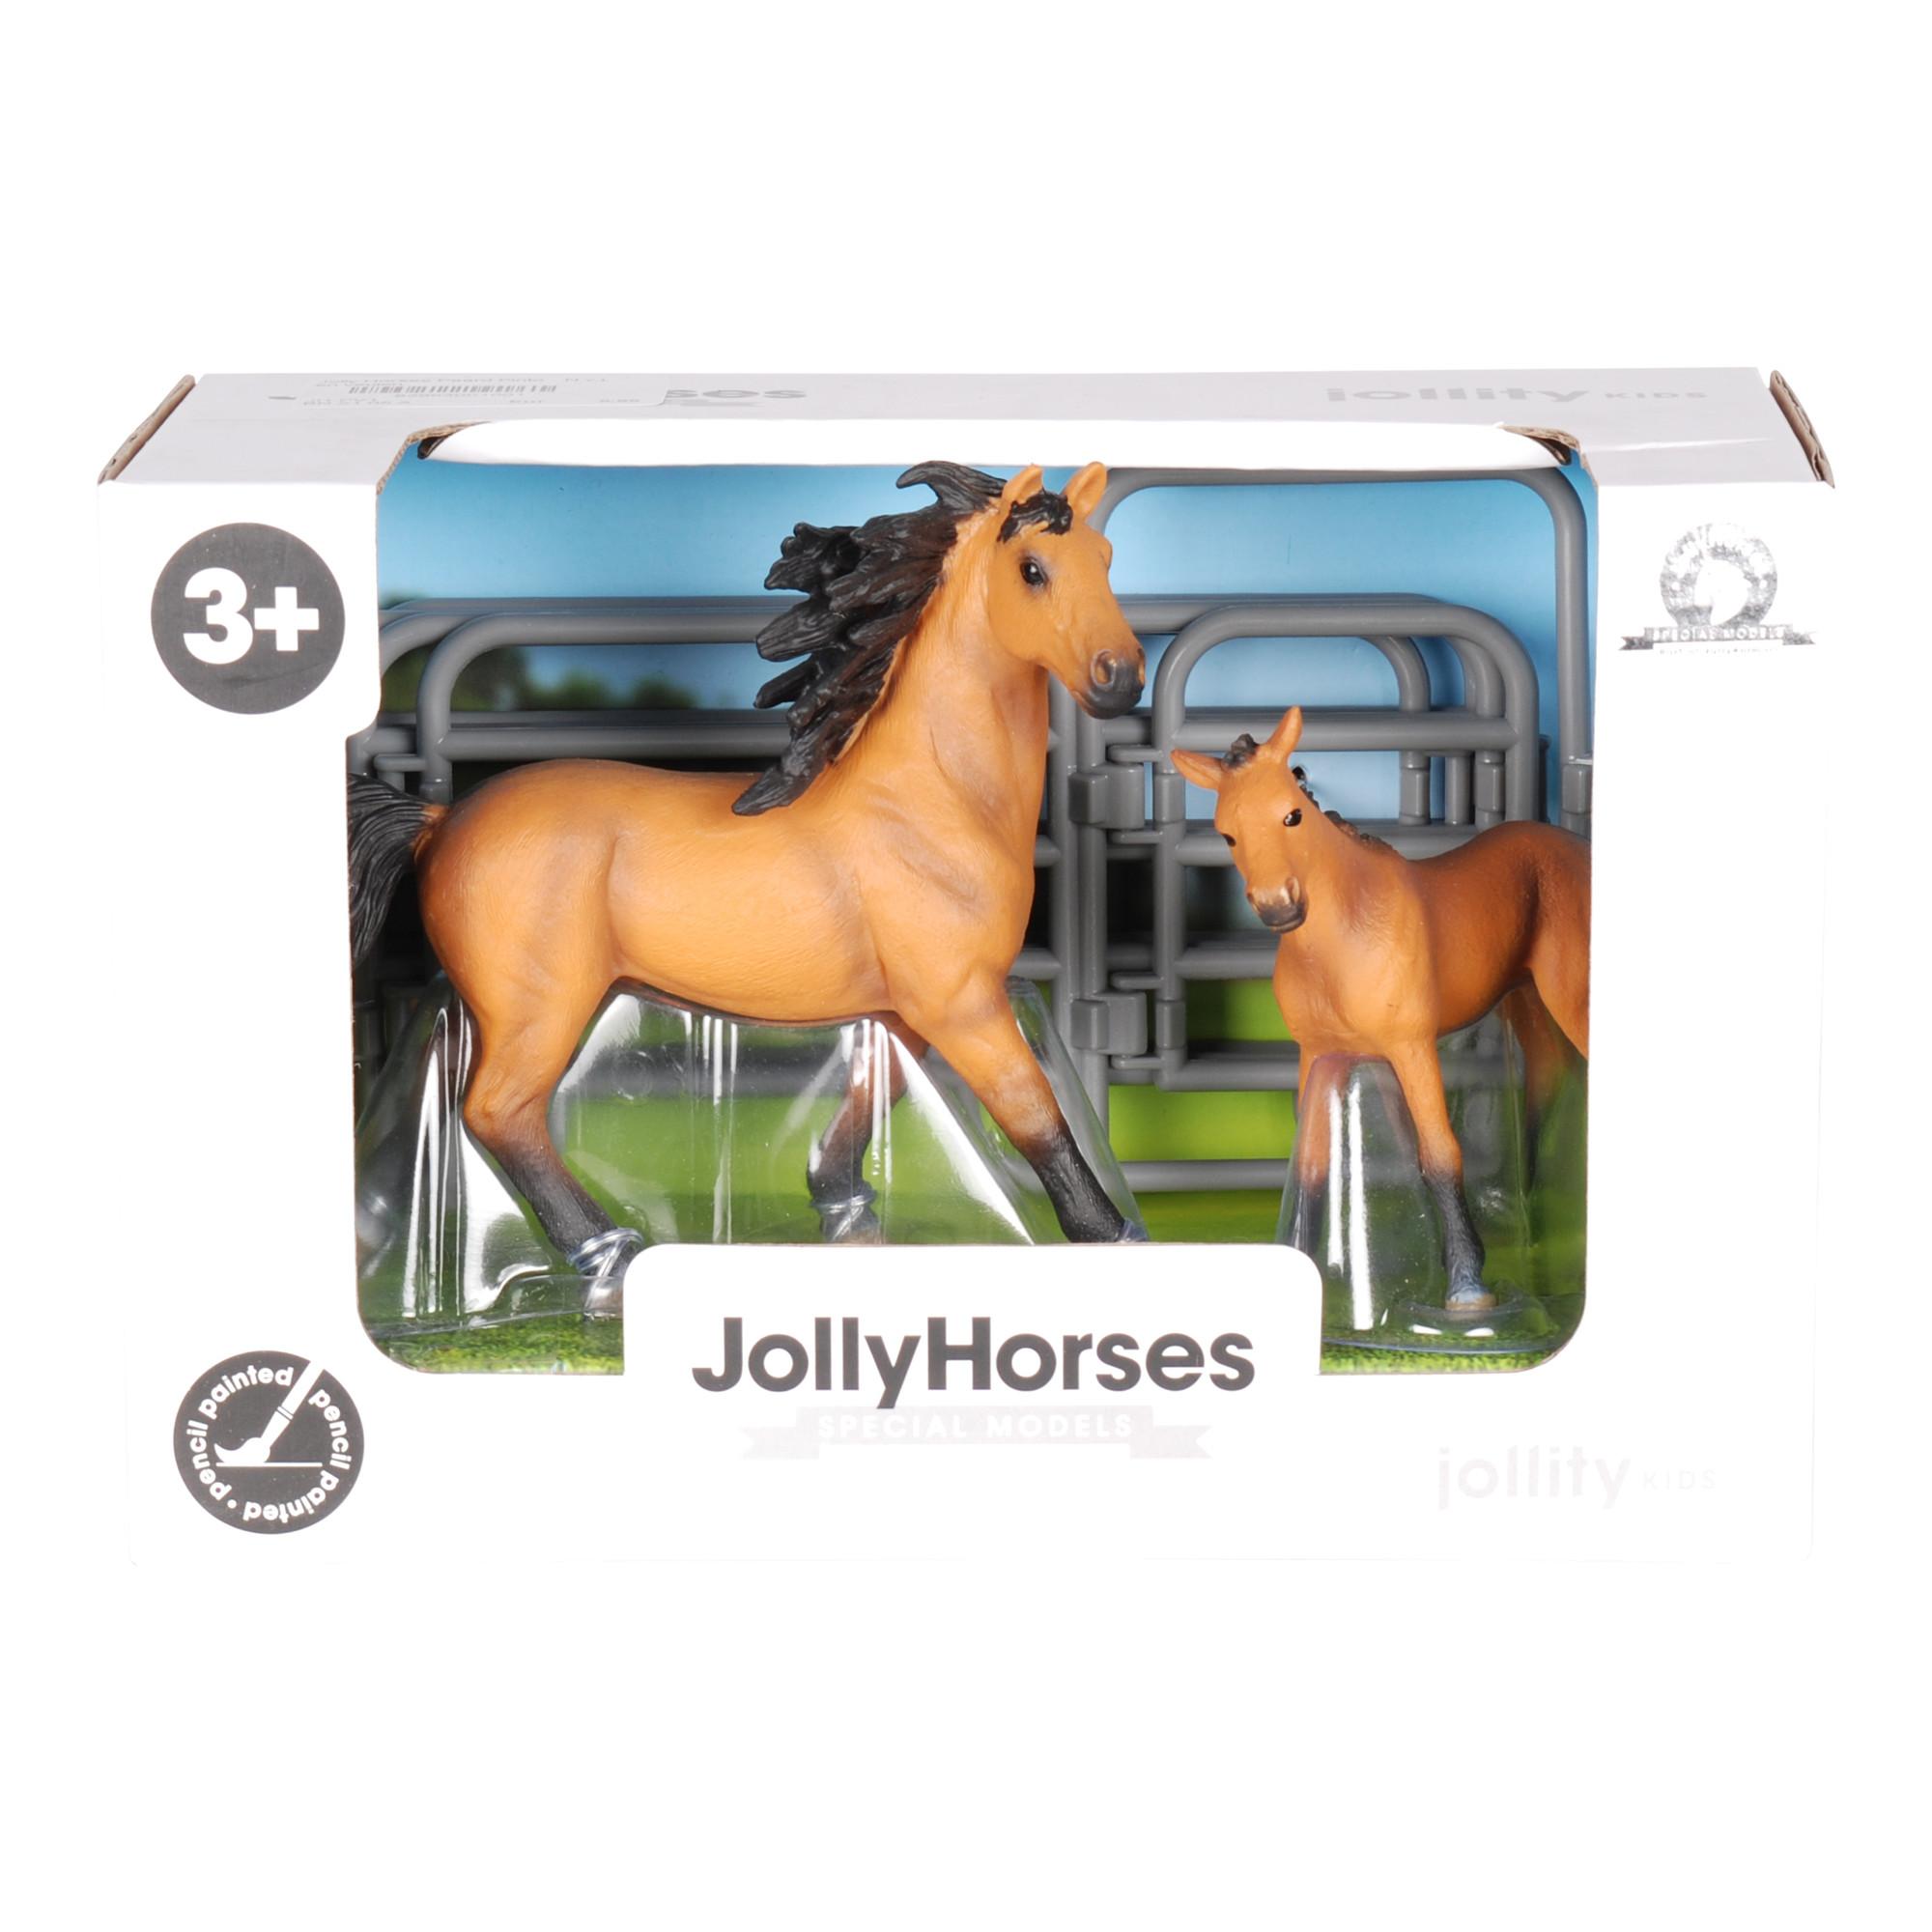 JollyHorses Pinto speelgoedpaard met veulen